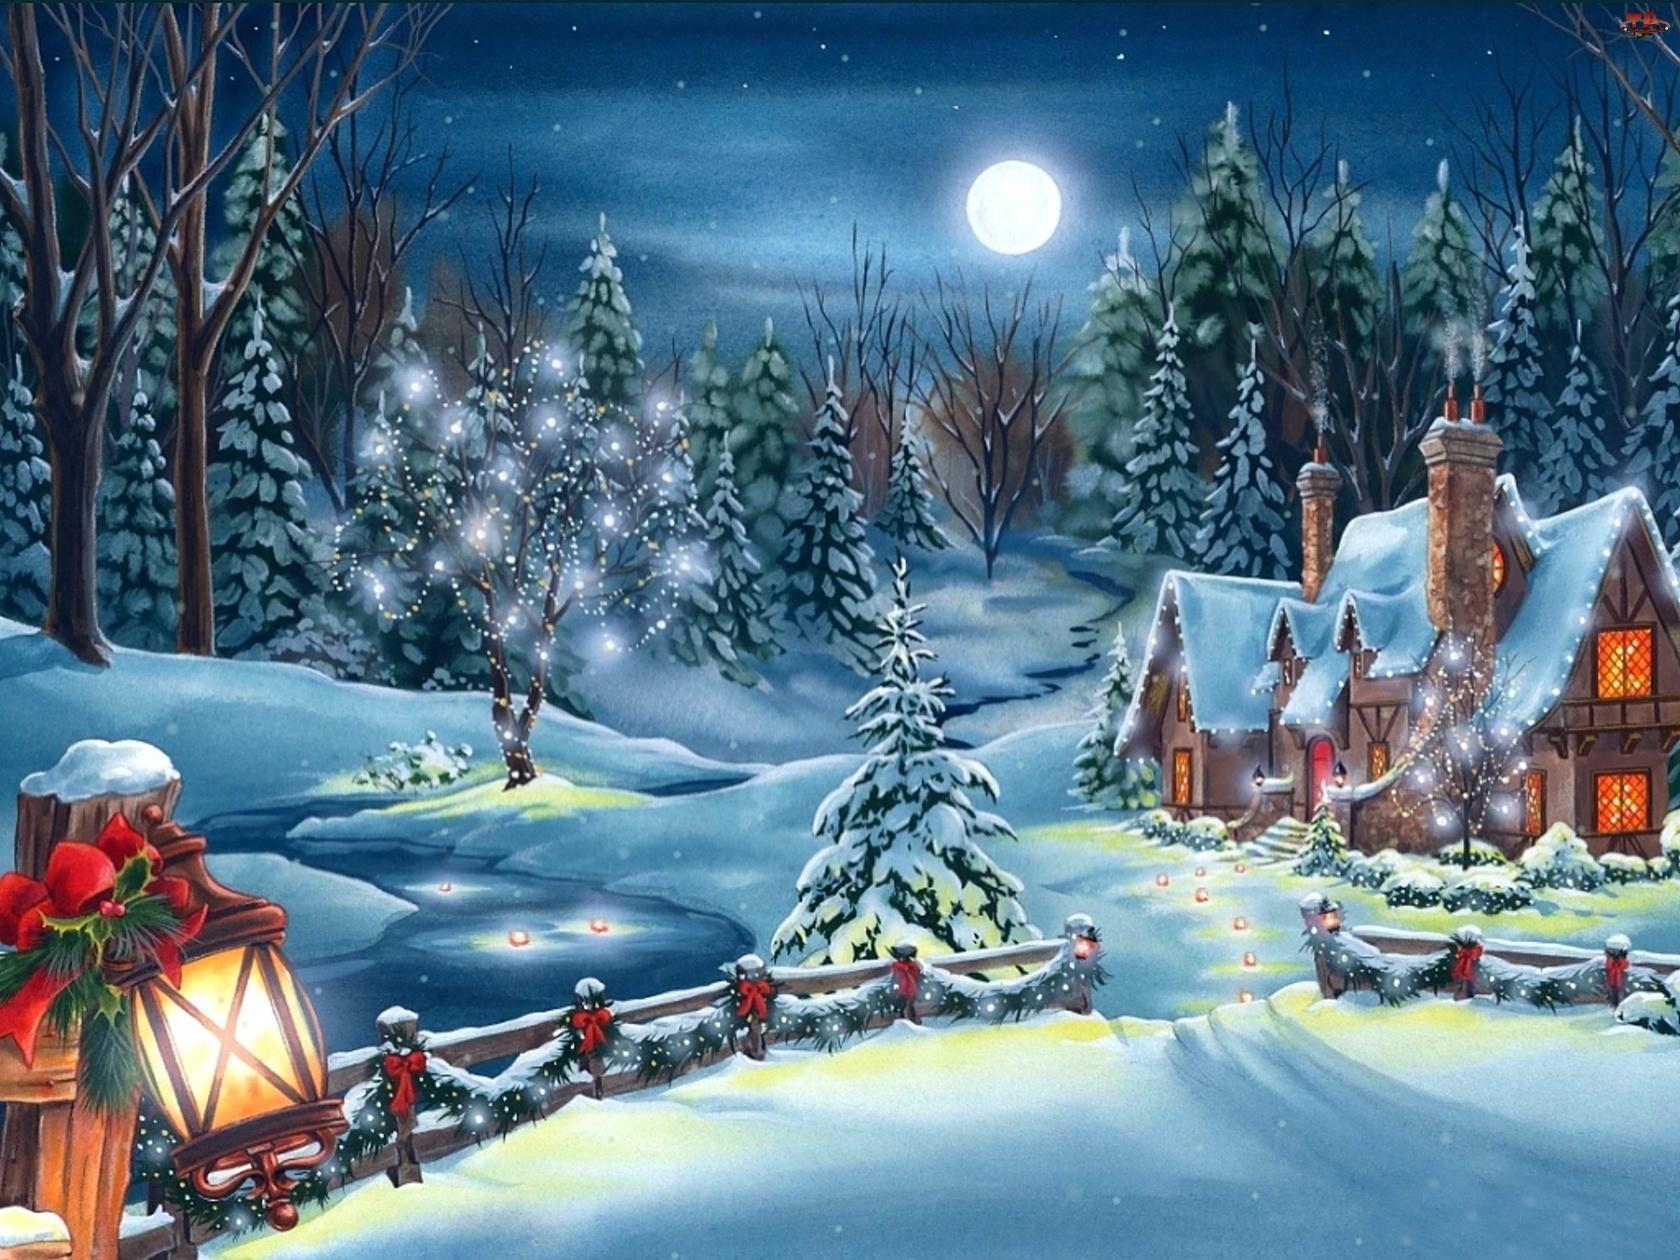 Zima, Narodzenie, Widoczek, Malarstwo, Świąteczny, Boże